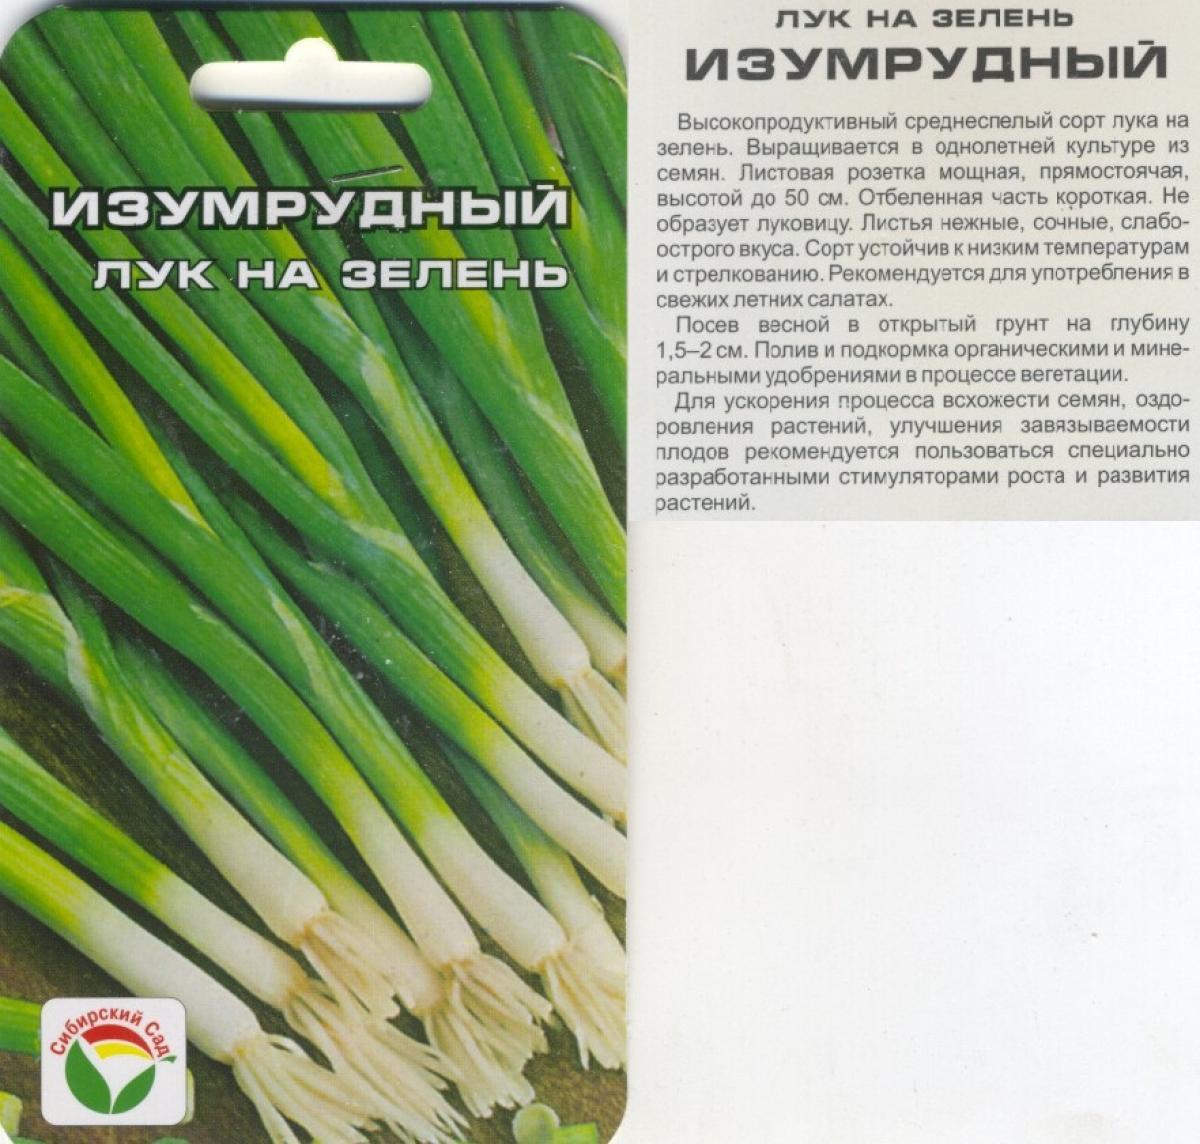 Сорта лука на зелень – что лучше посадить? + видео